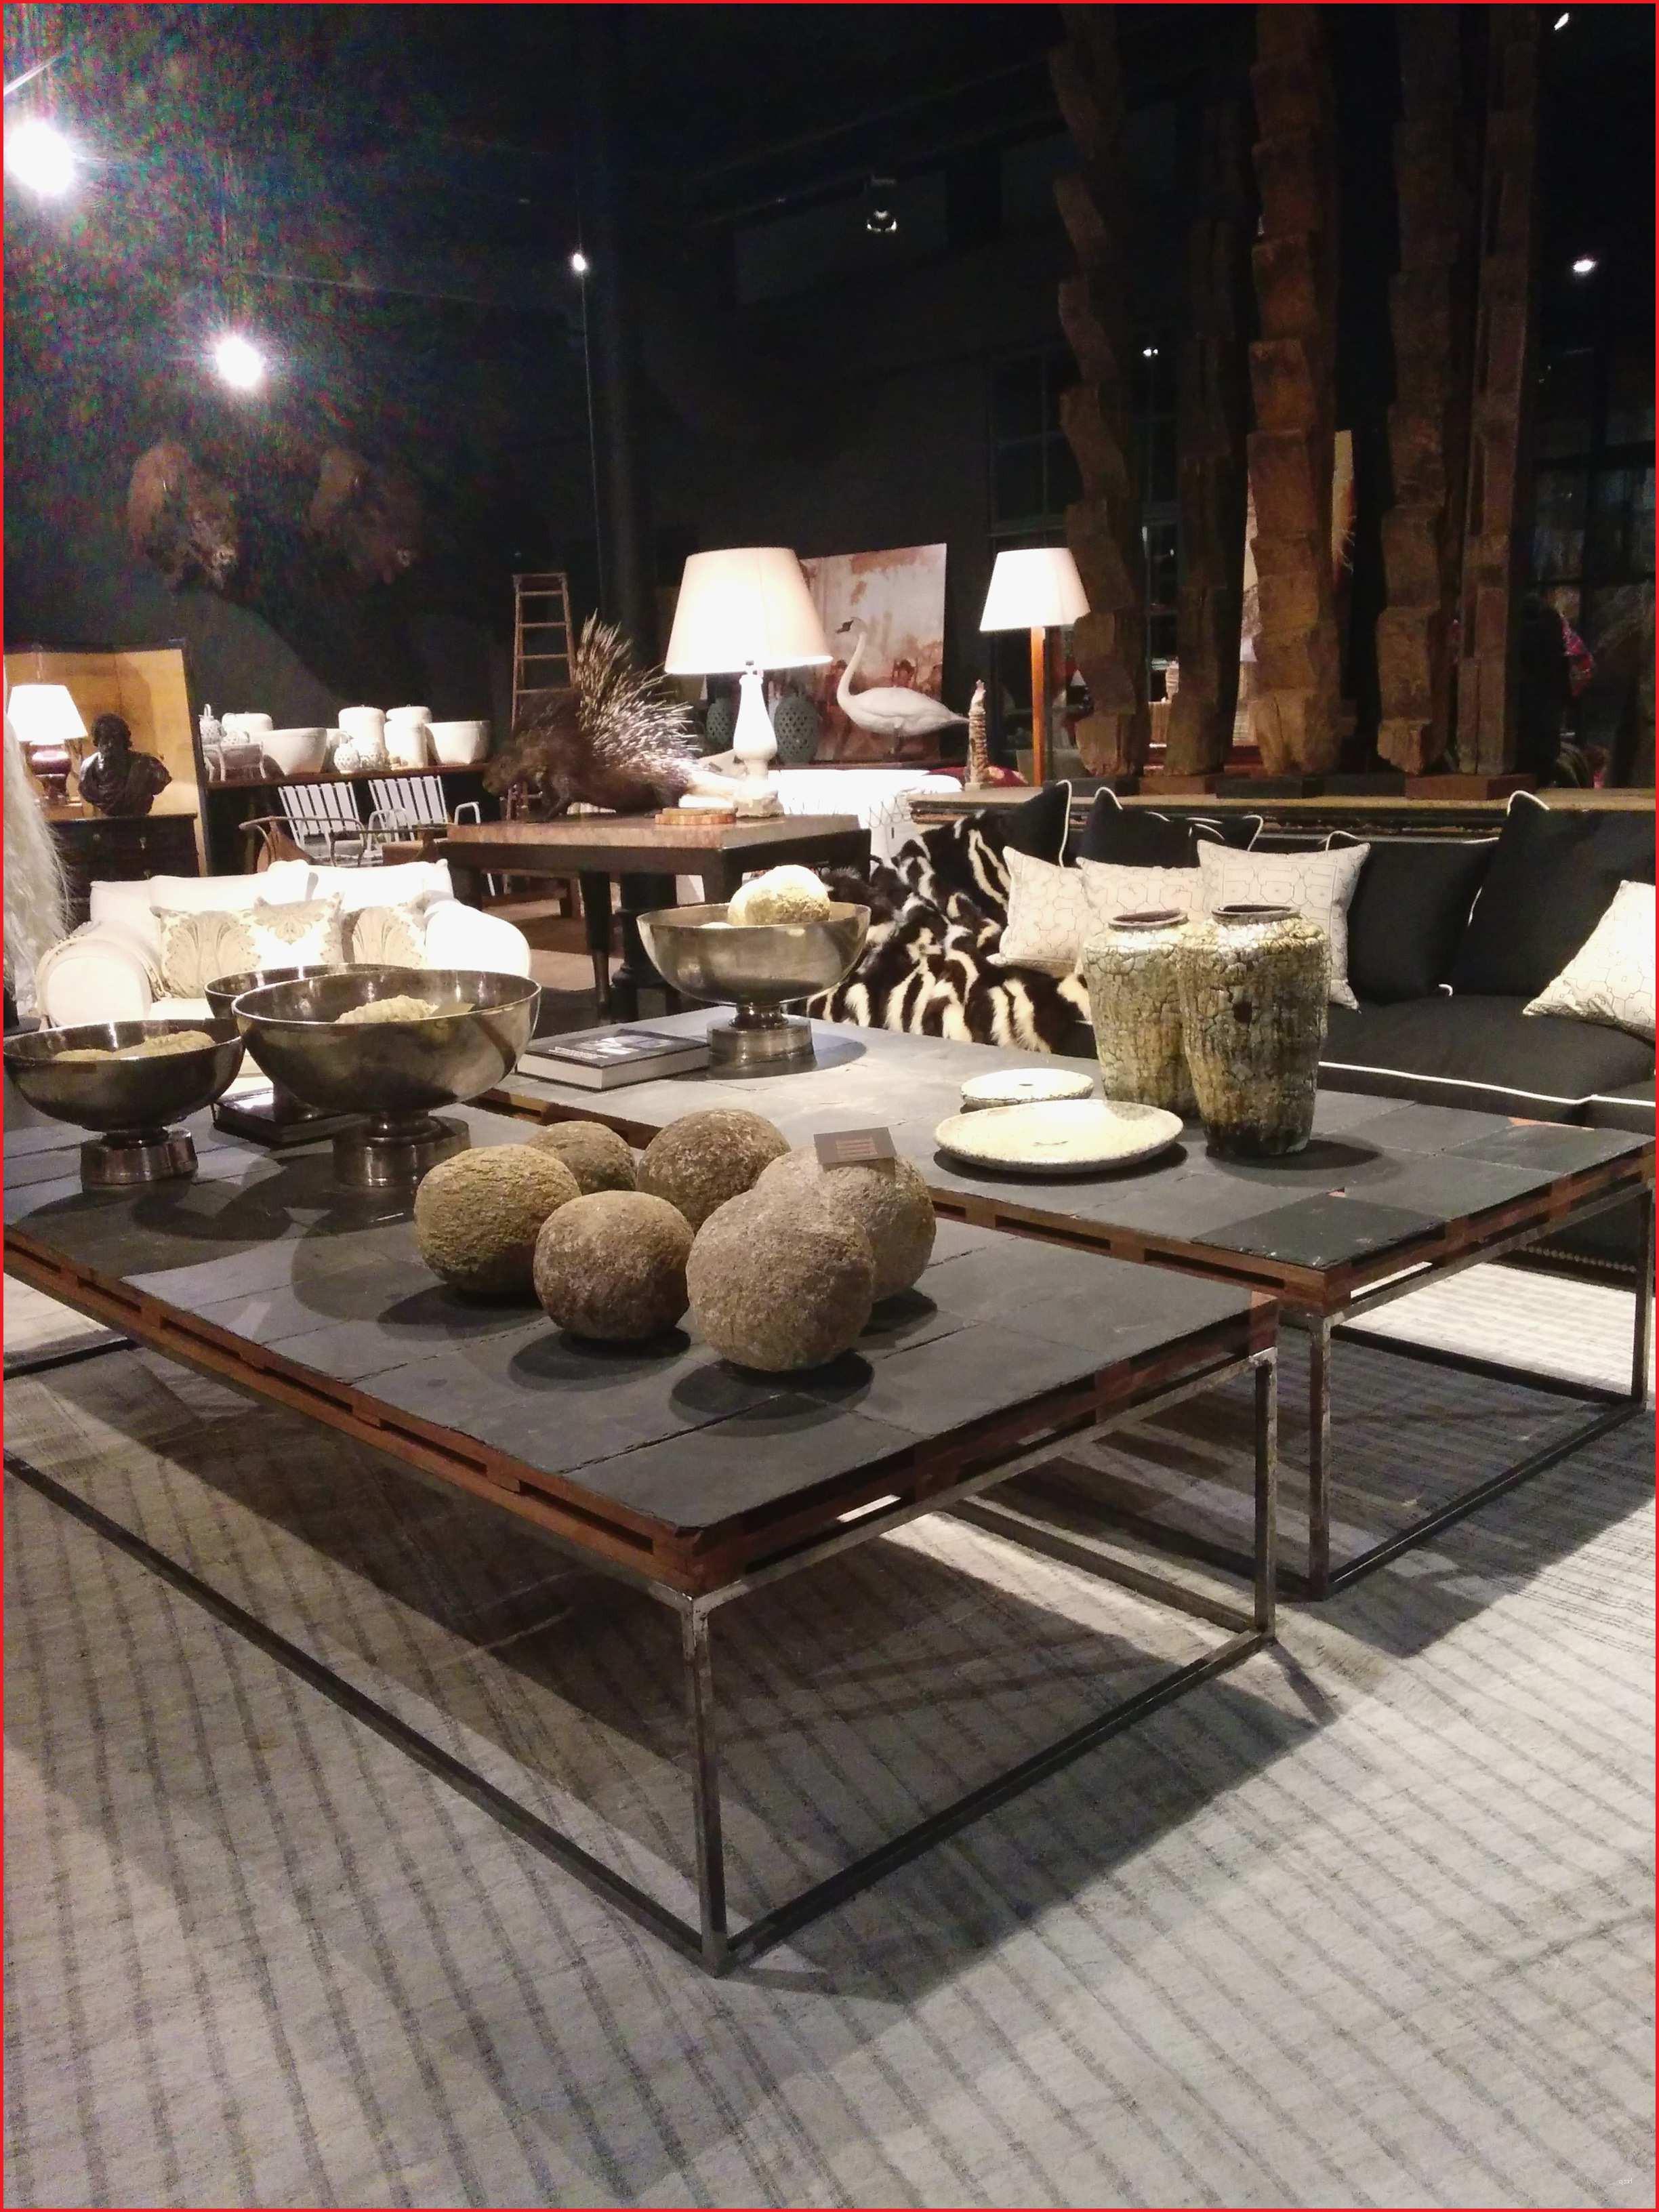 Donde Vender Muebles Usados En Madrid Bqdd Donde Vender Muebles Usados En Madrid Lo Mejor De Tiendas De